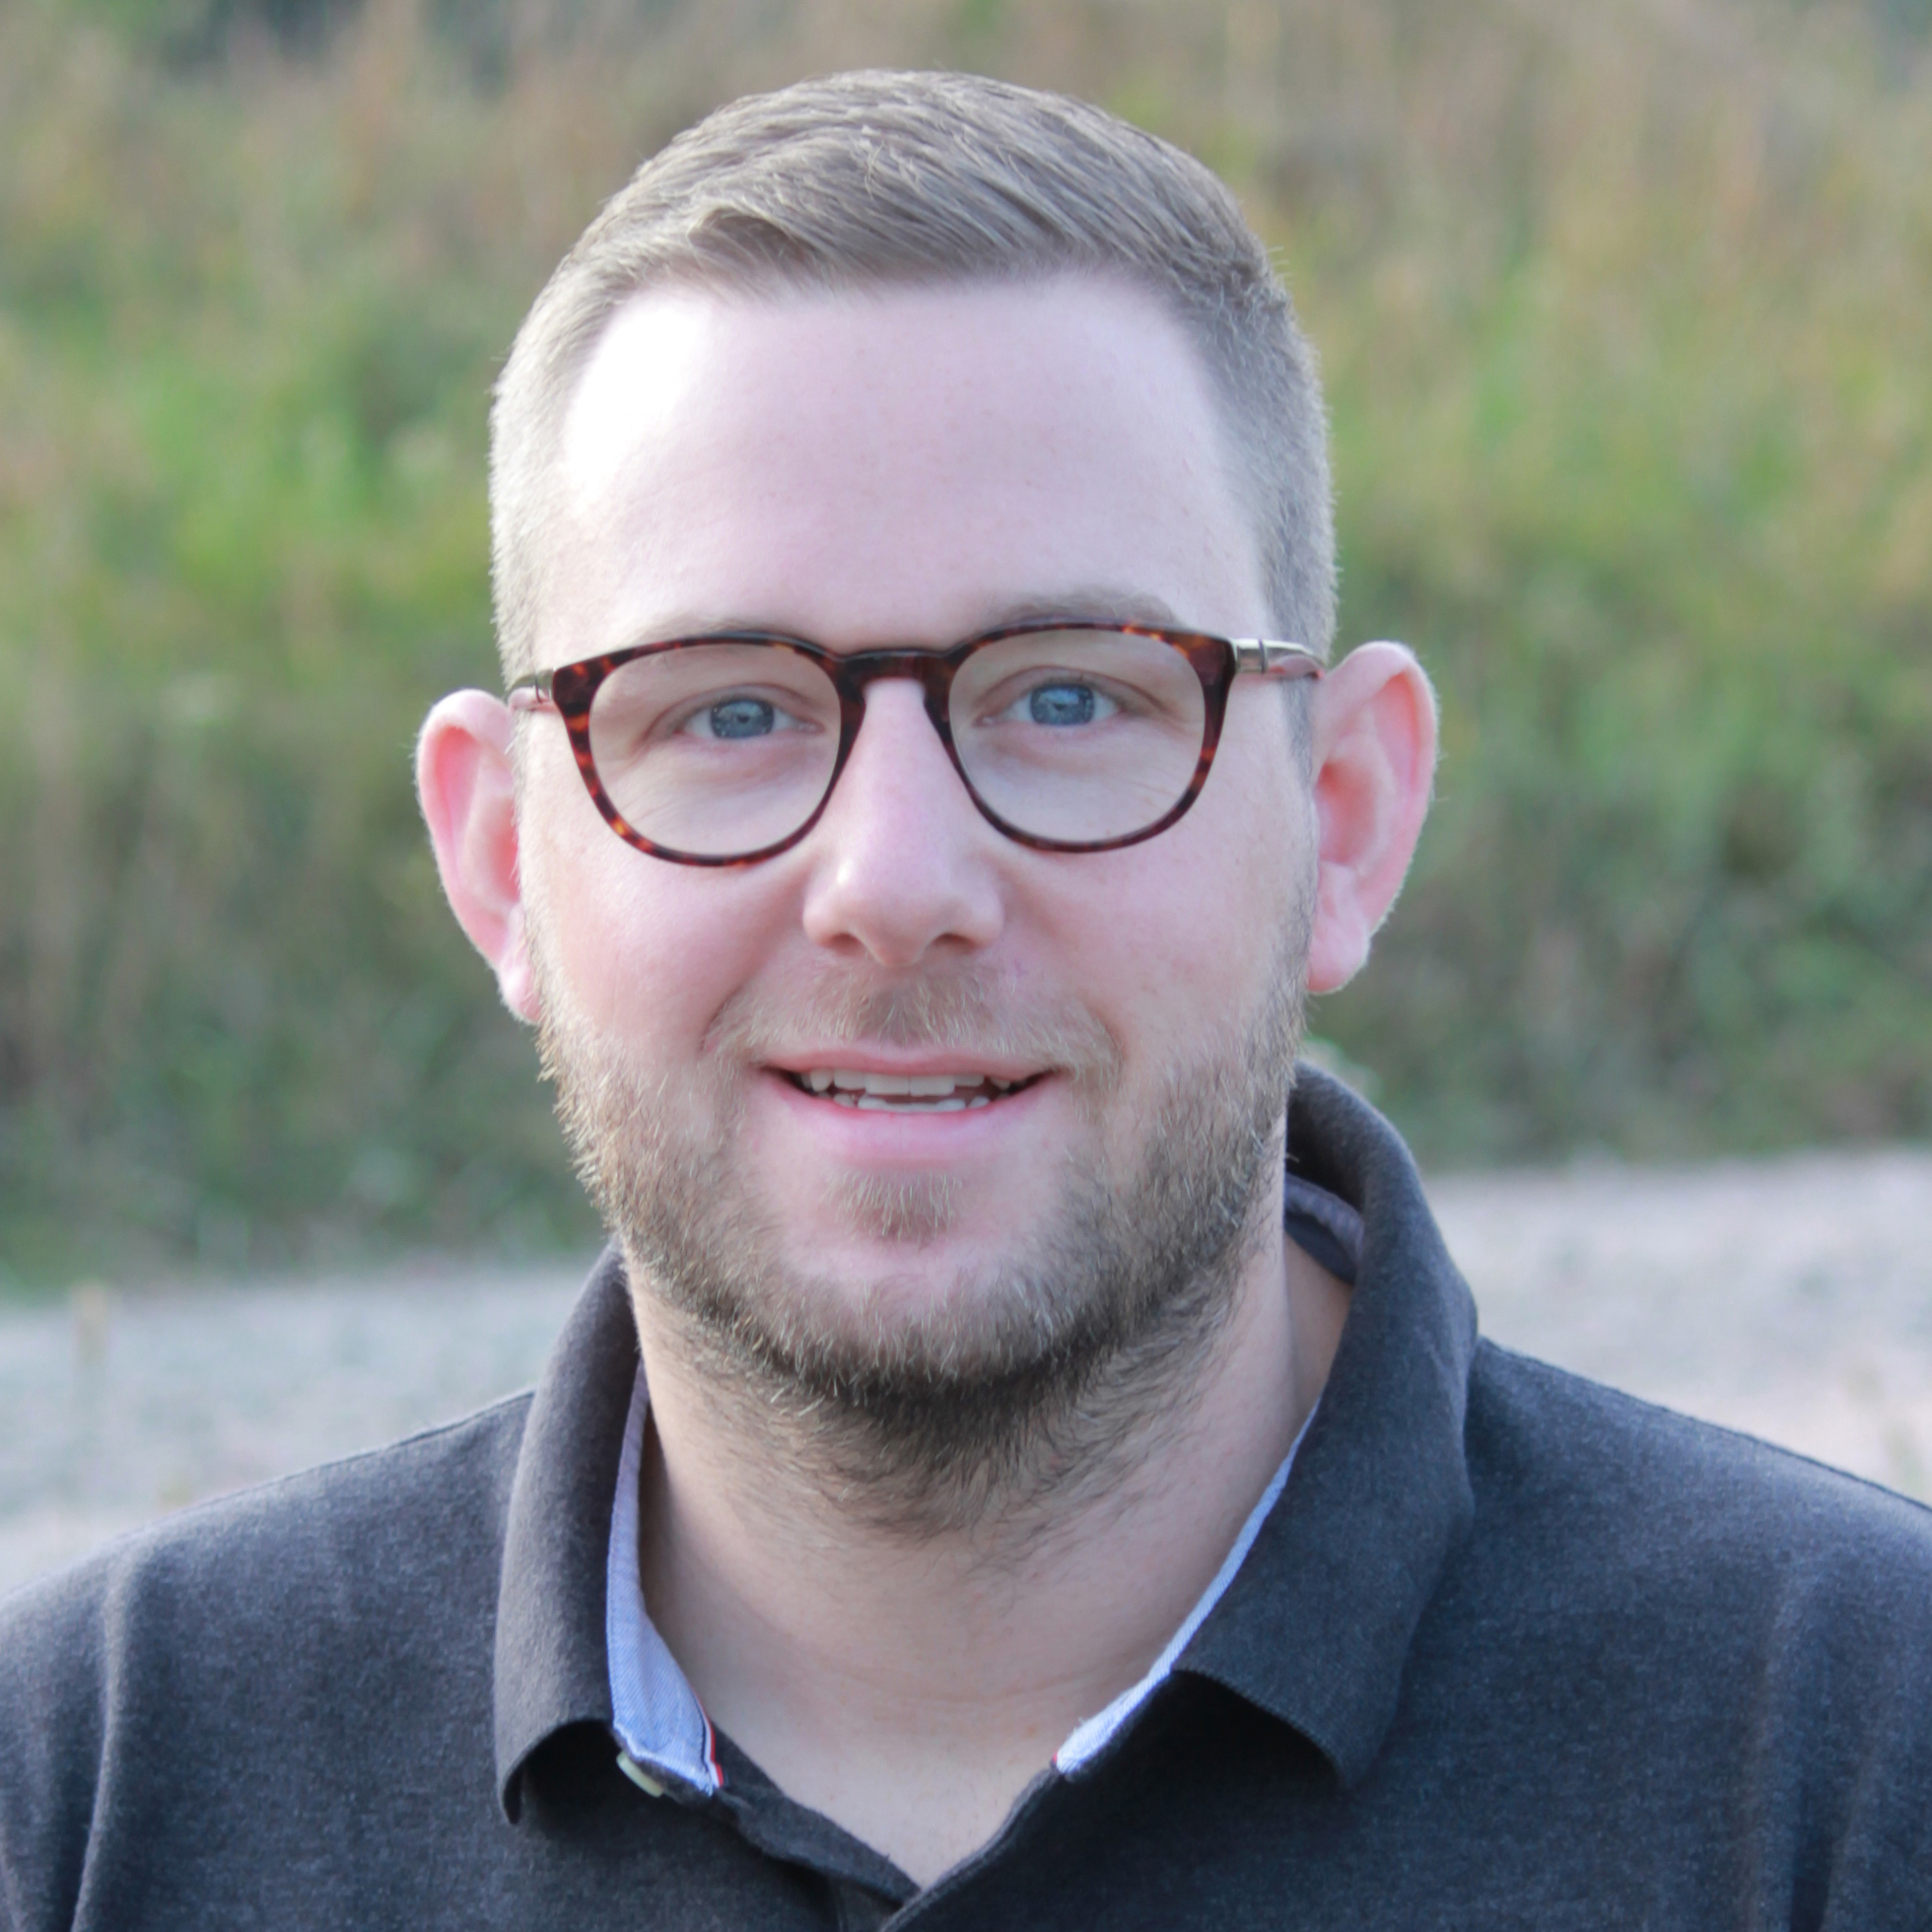 Andreas Gaubatz